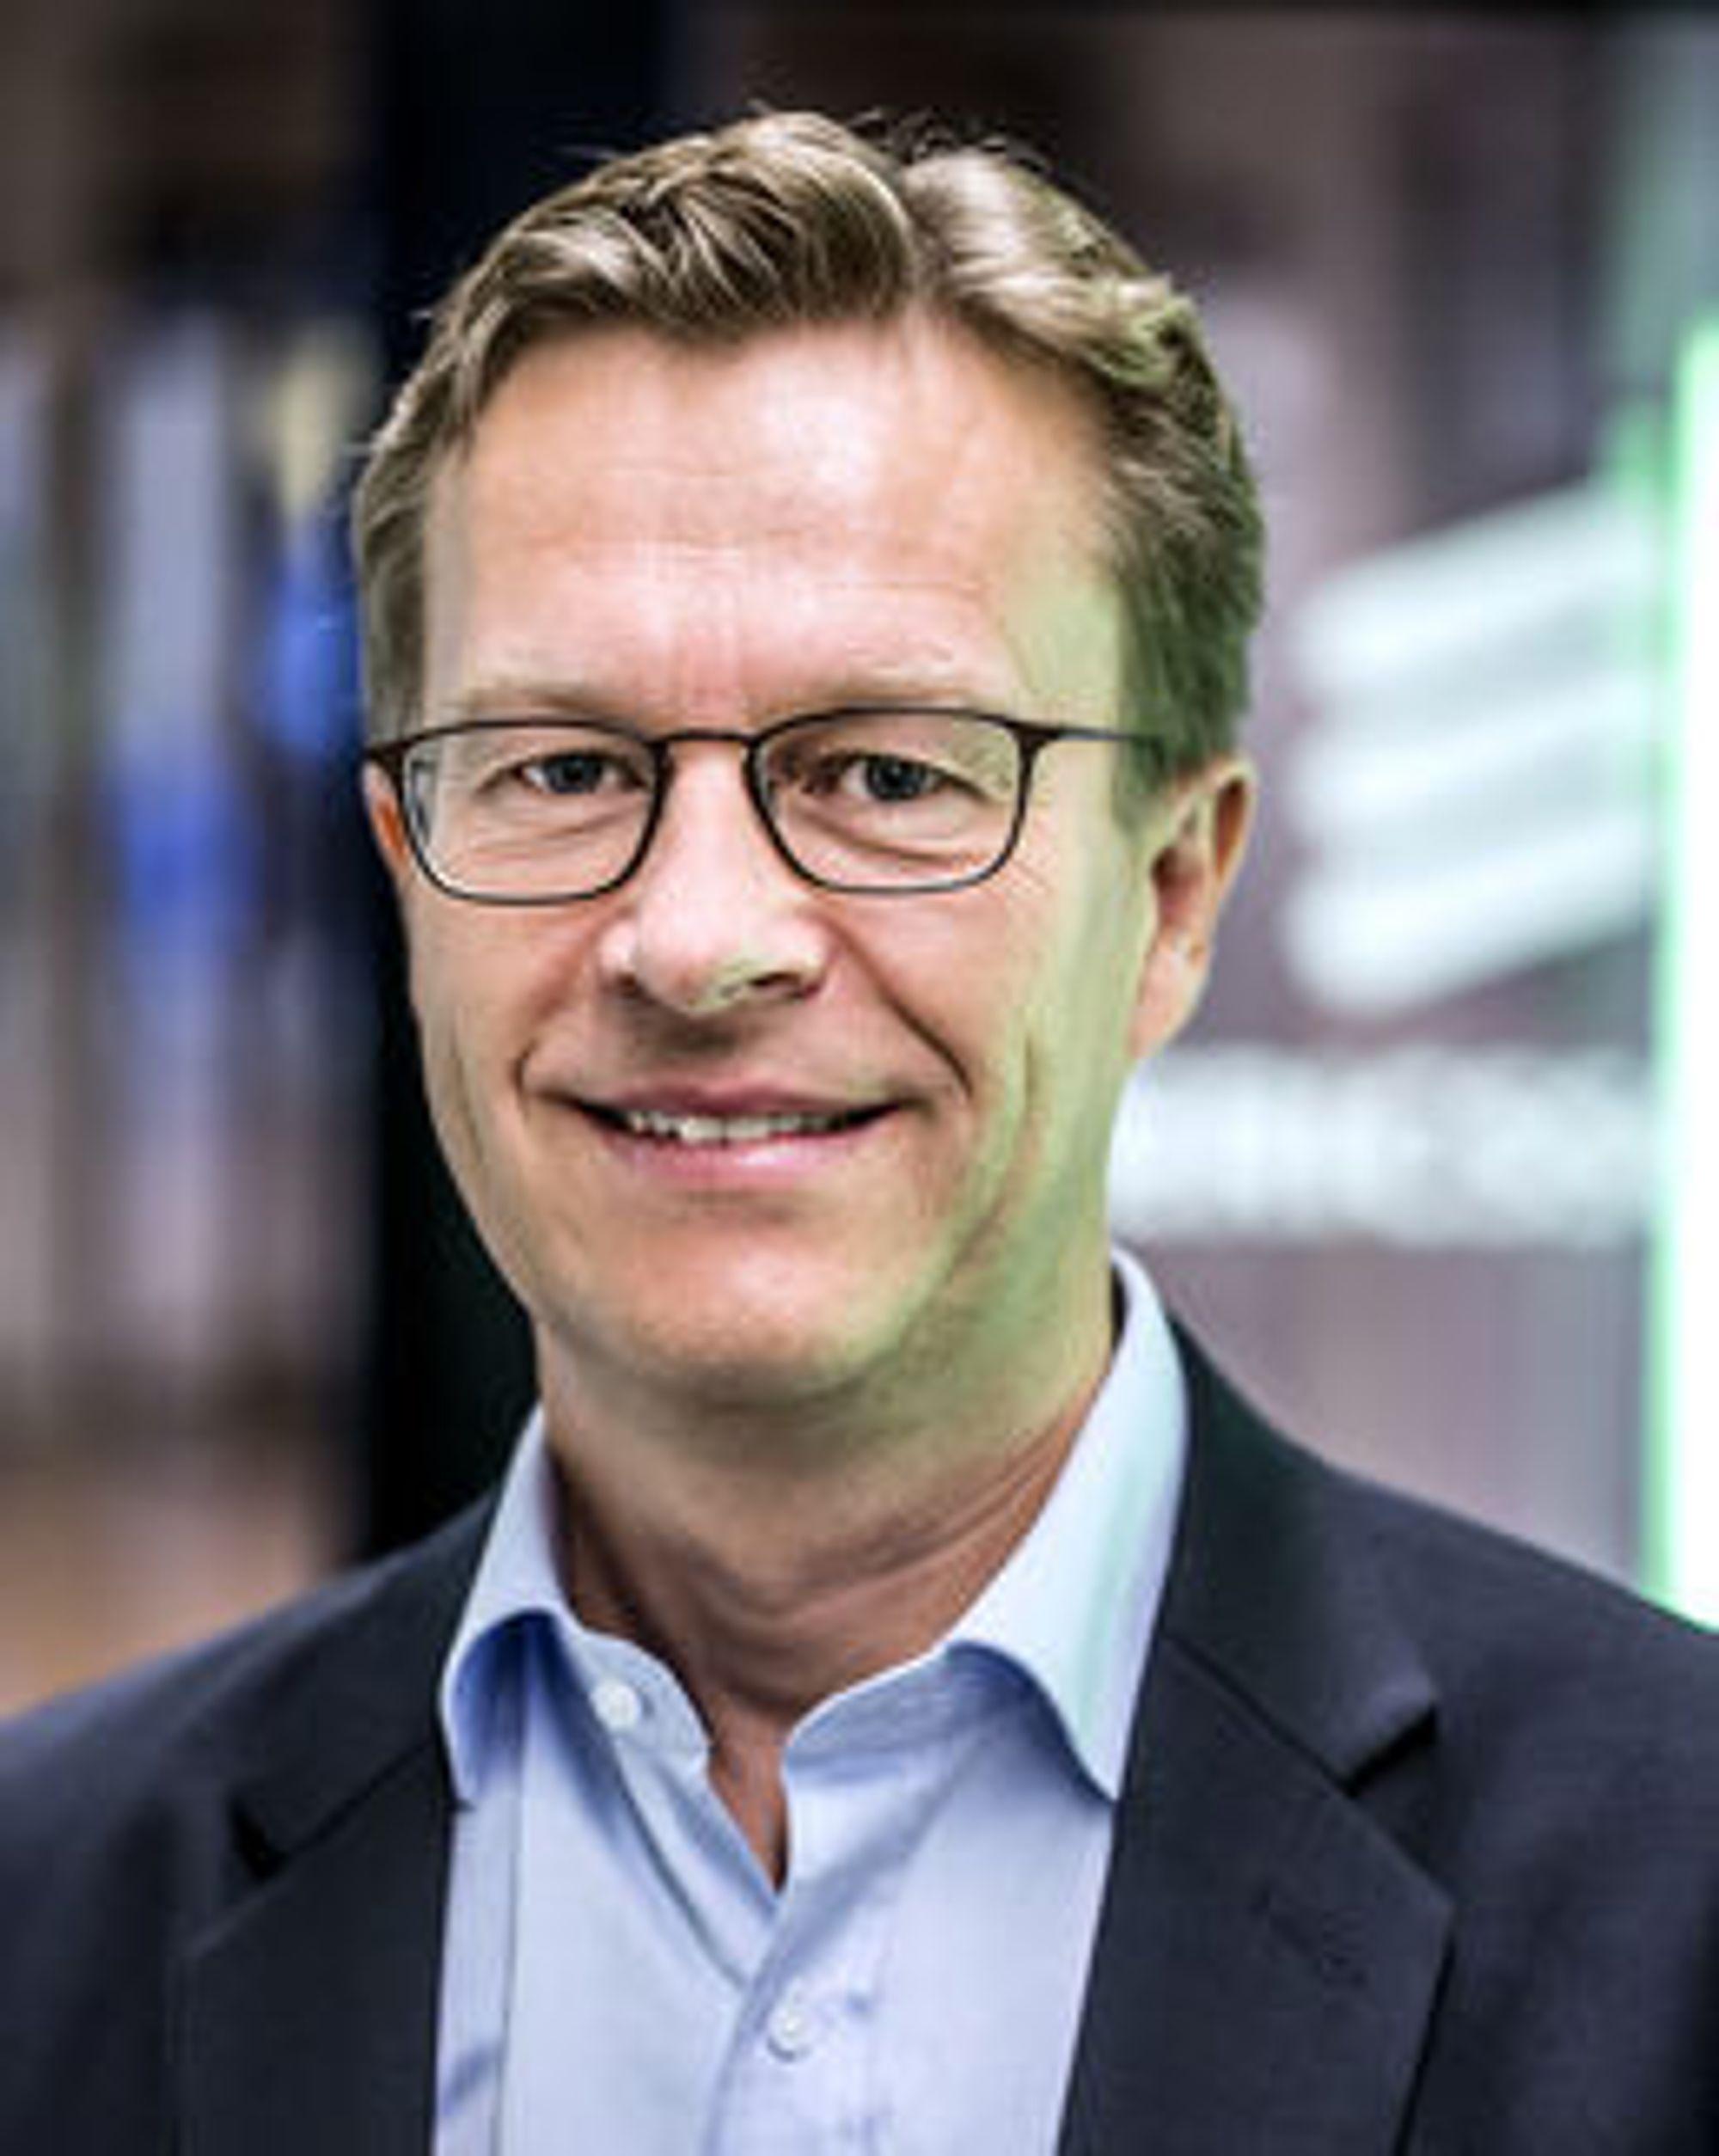 NORGE LIGGER FORAN: Adm. direktør for Ericsson i Norge, Aksel Aanensen mener Norge og Norden skiller seg ut fra ut fra Europa og ligger foran i utbygging og bruk av LTE.